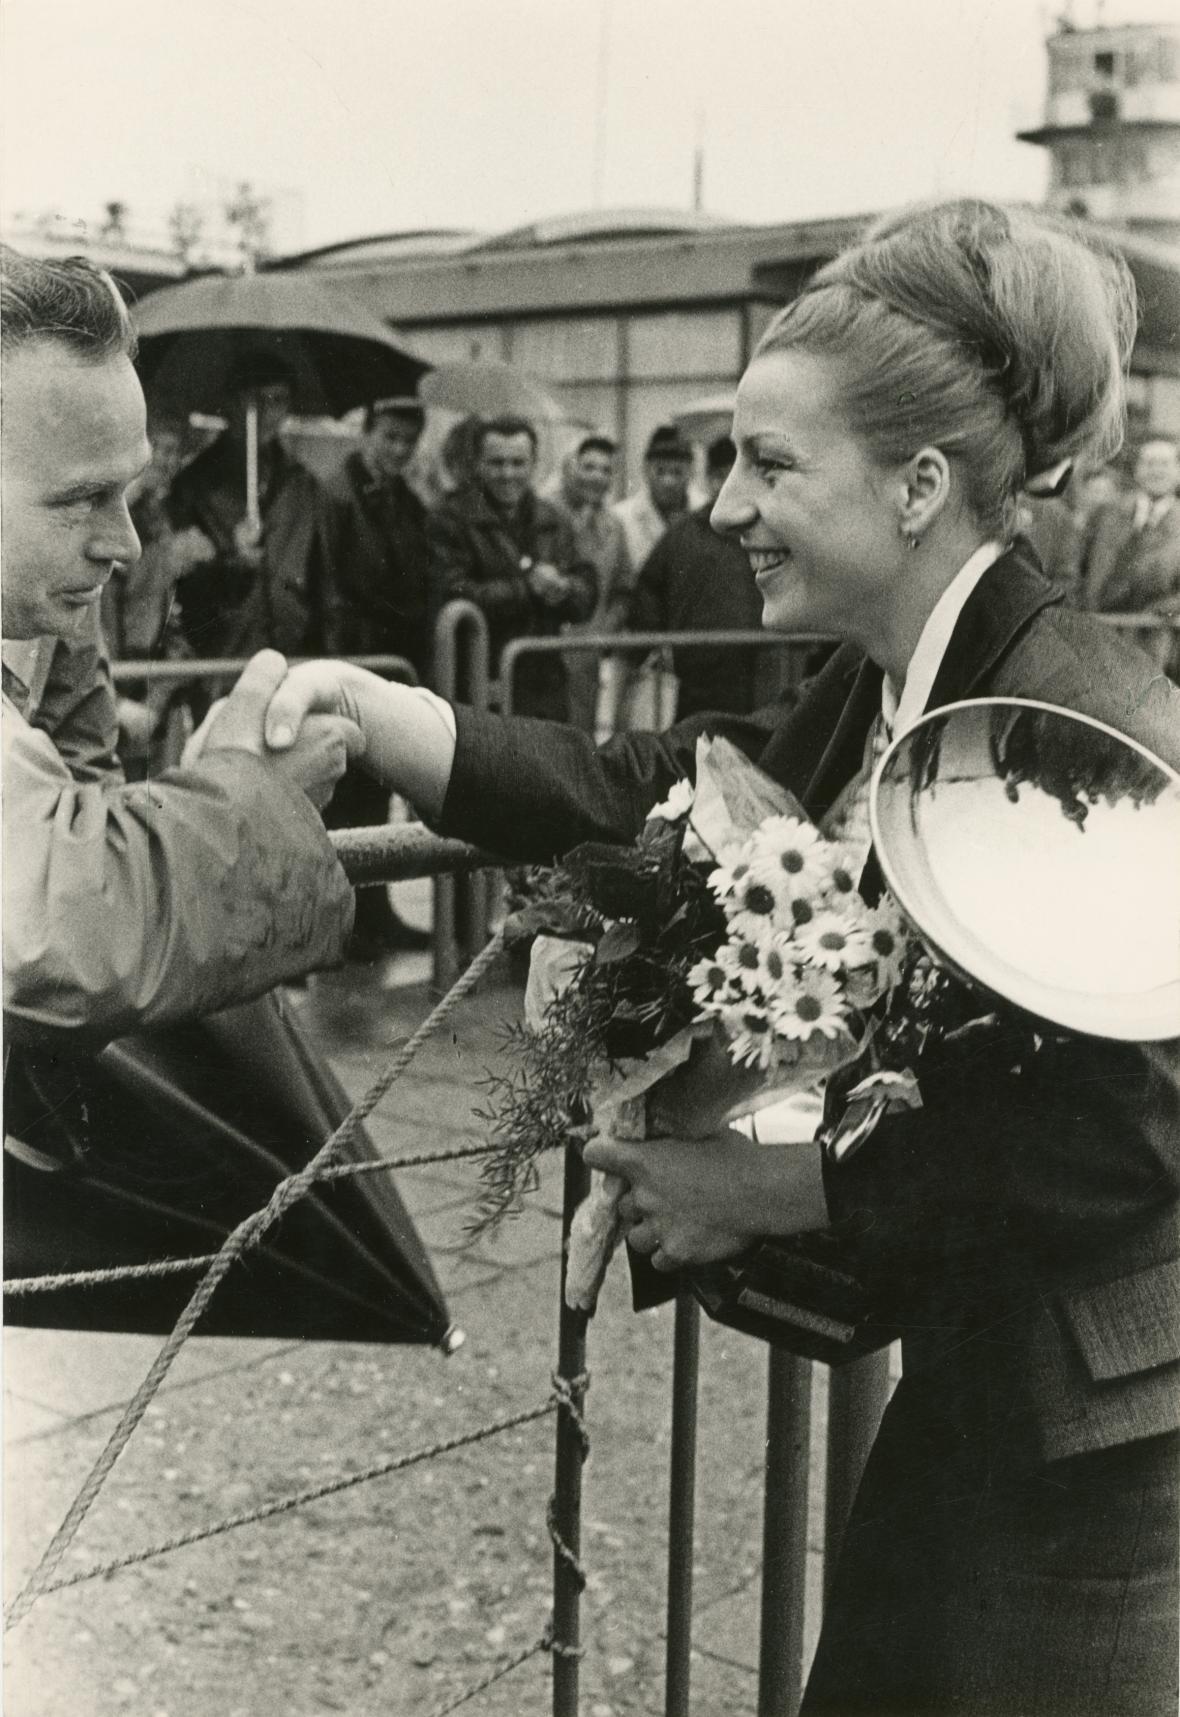 Atletka Věra Čáslavská, 1968